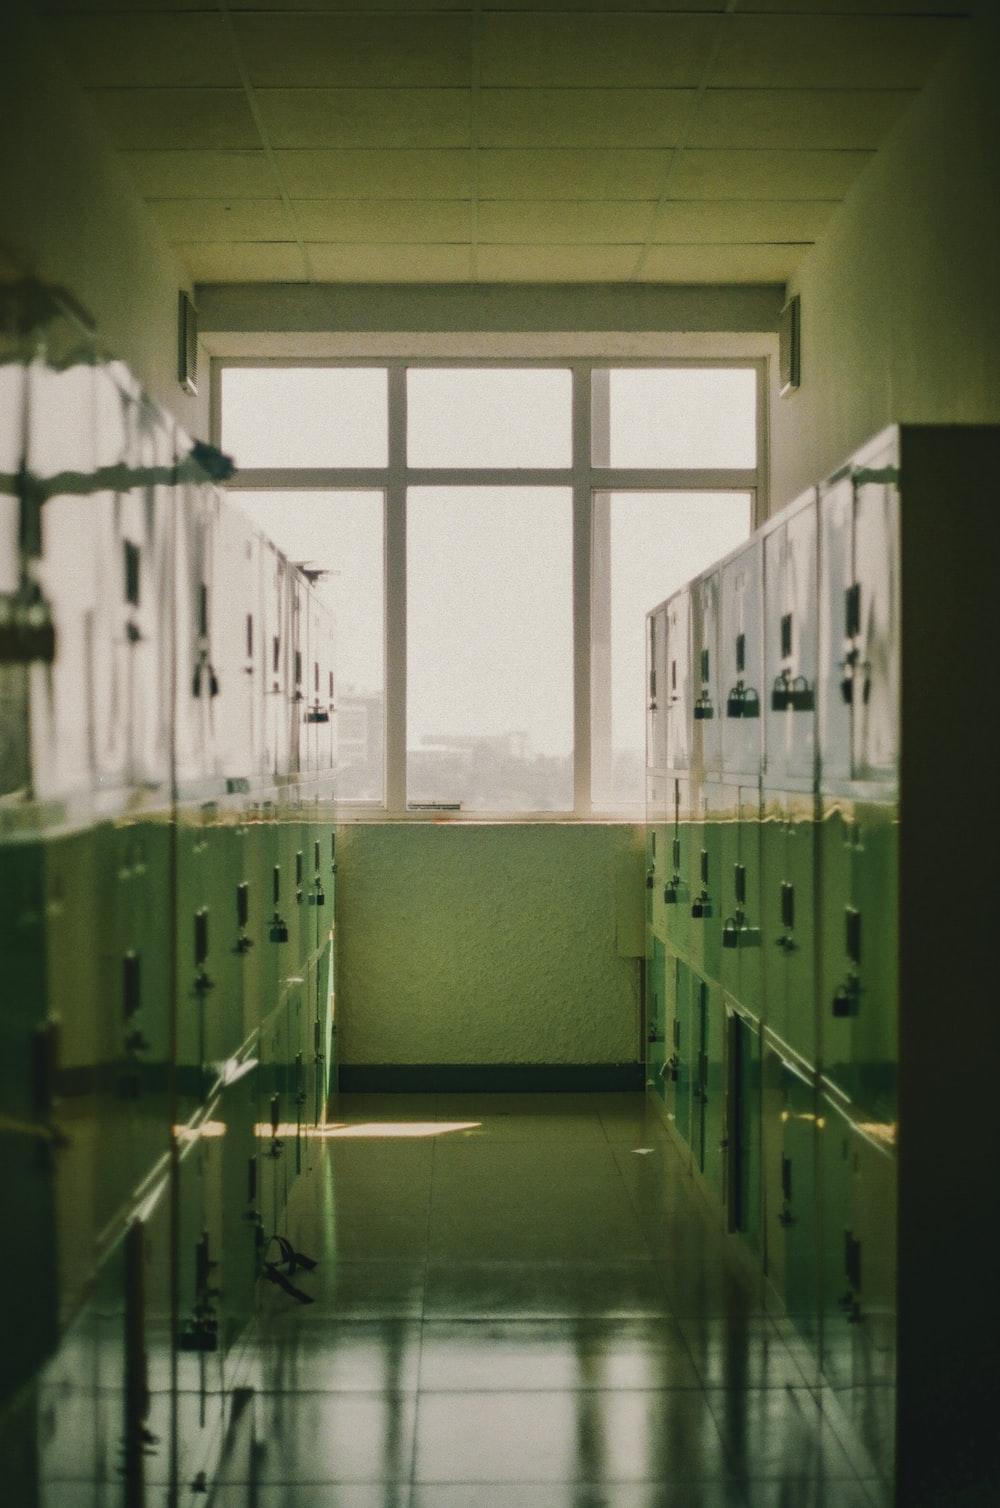 closed lockers